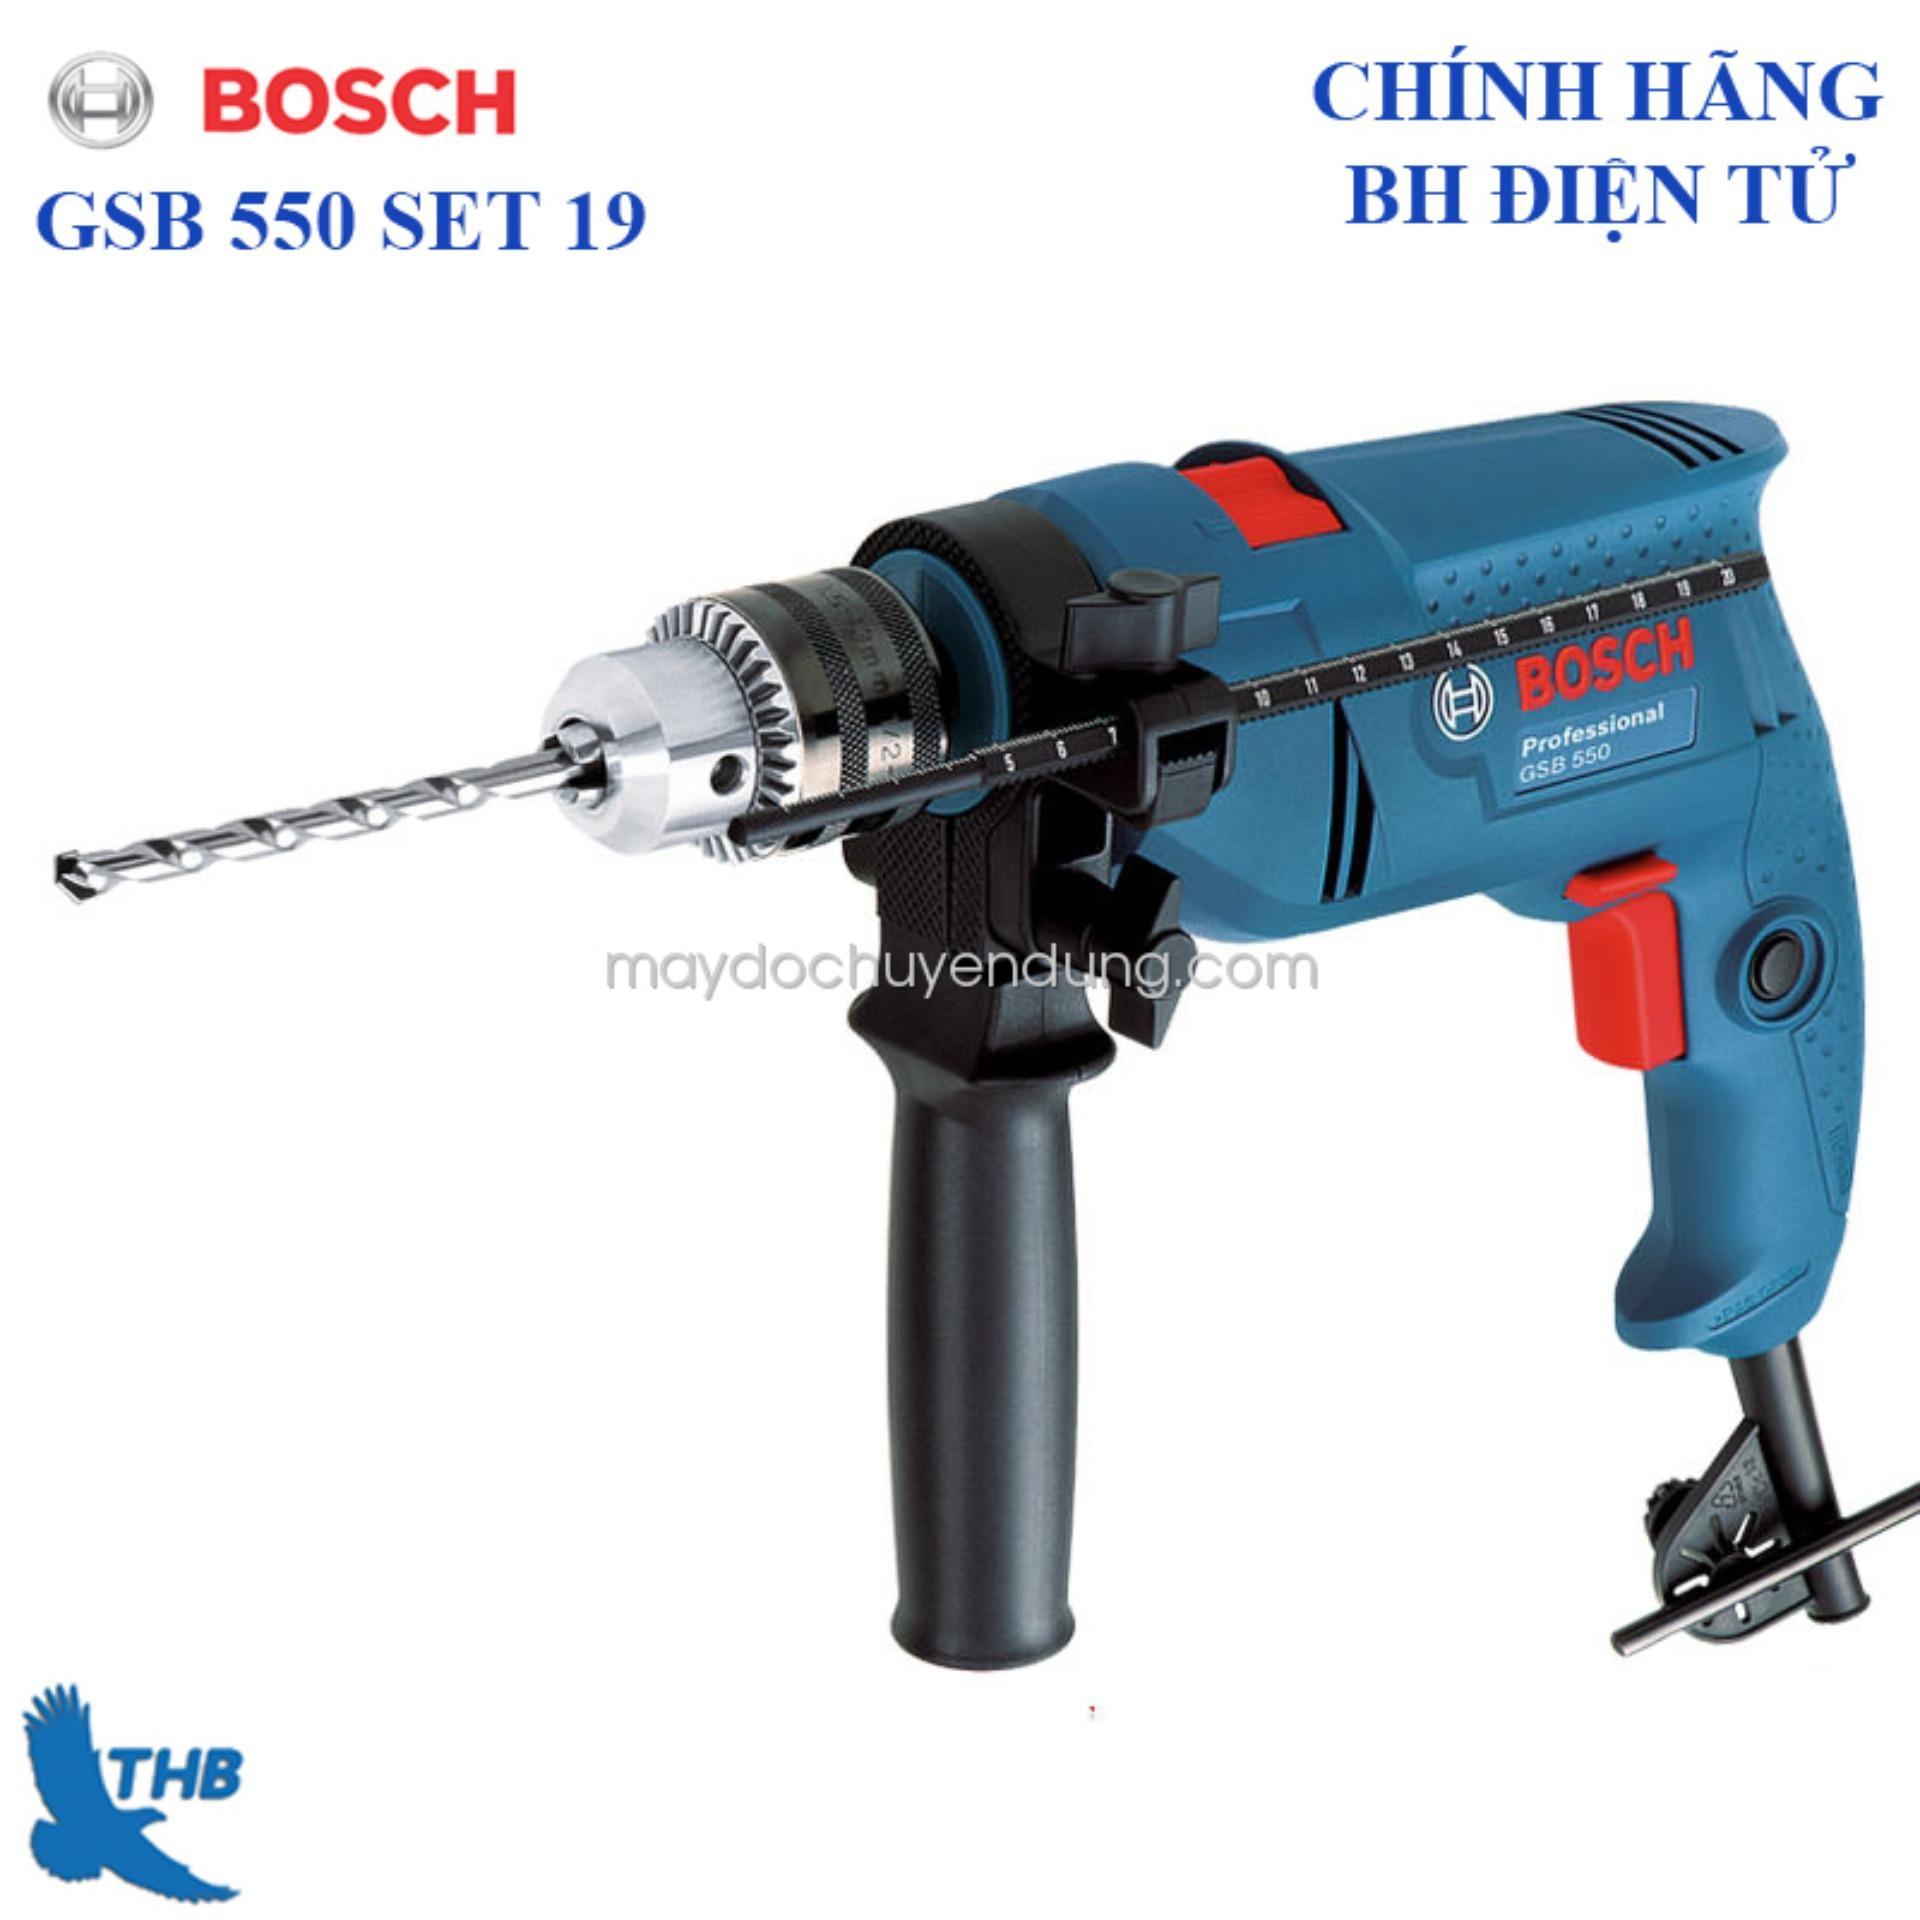 Bộ máy khoan động lực Bosch GSB 550 Set 19 Món